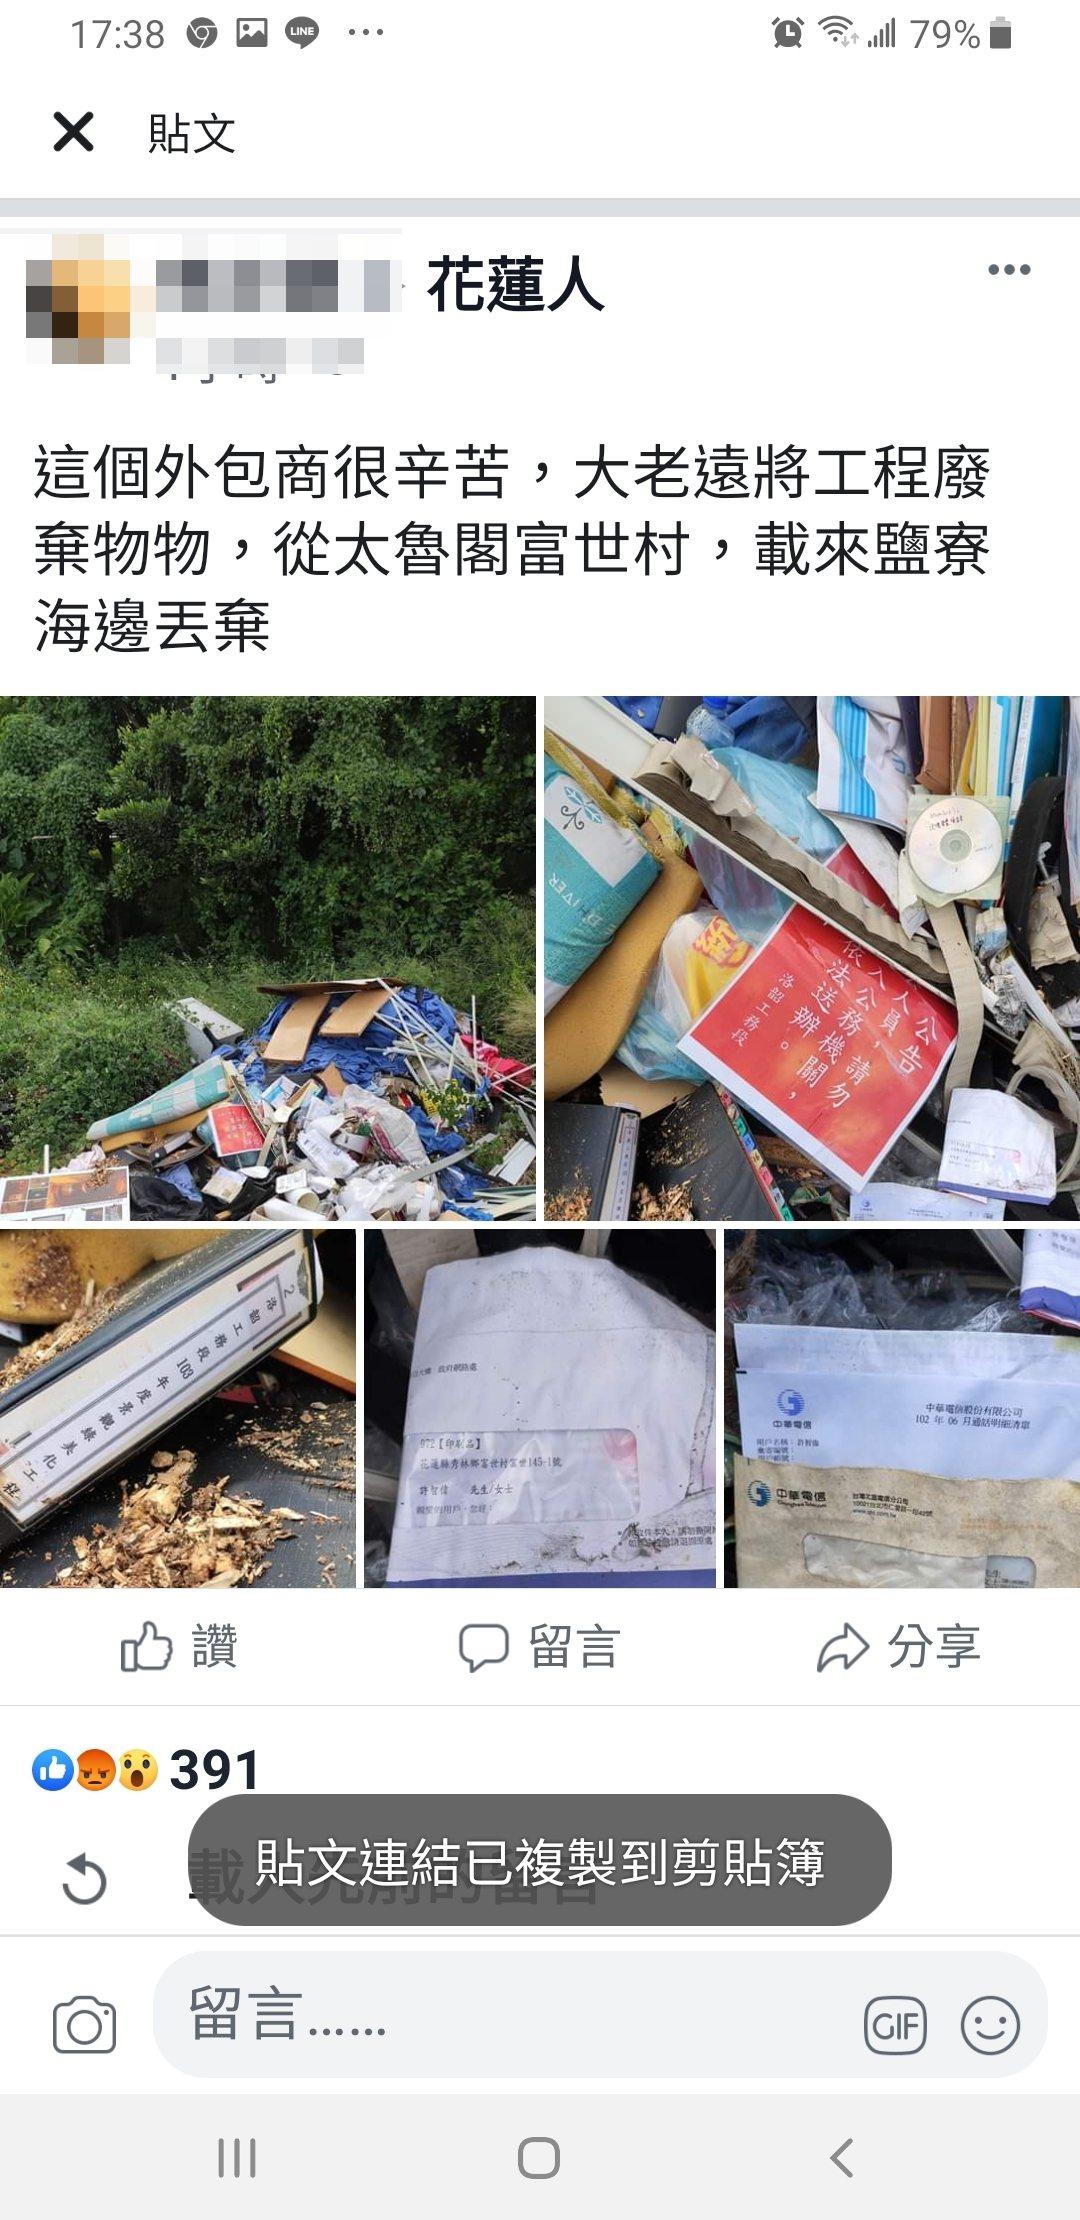 李姓網友昨在臉書貼文揭發工務段垃圾棄置鹽寮海邊一事。圖/翻攝臉書「花蓮人」